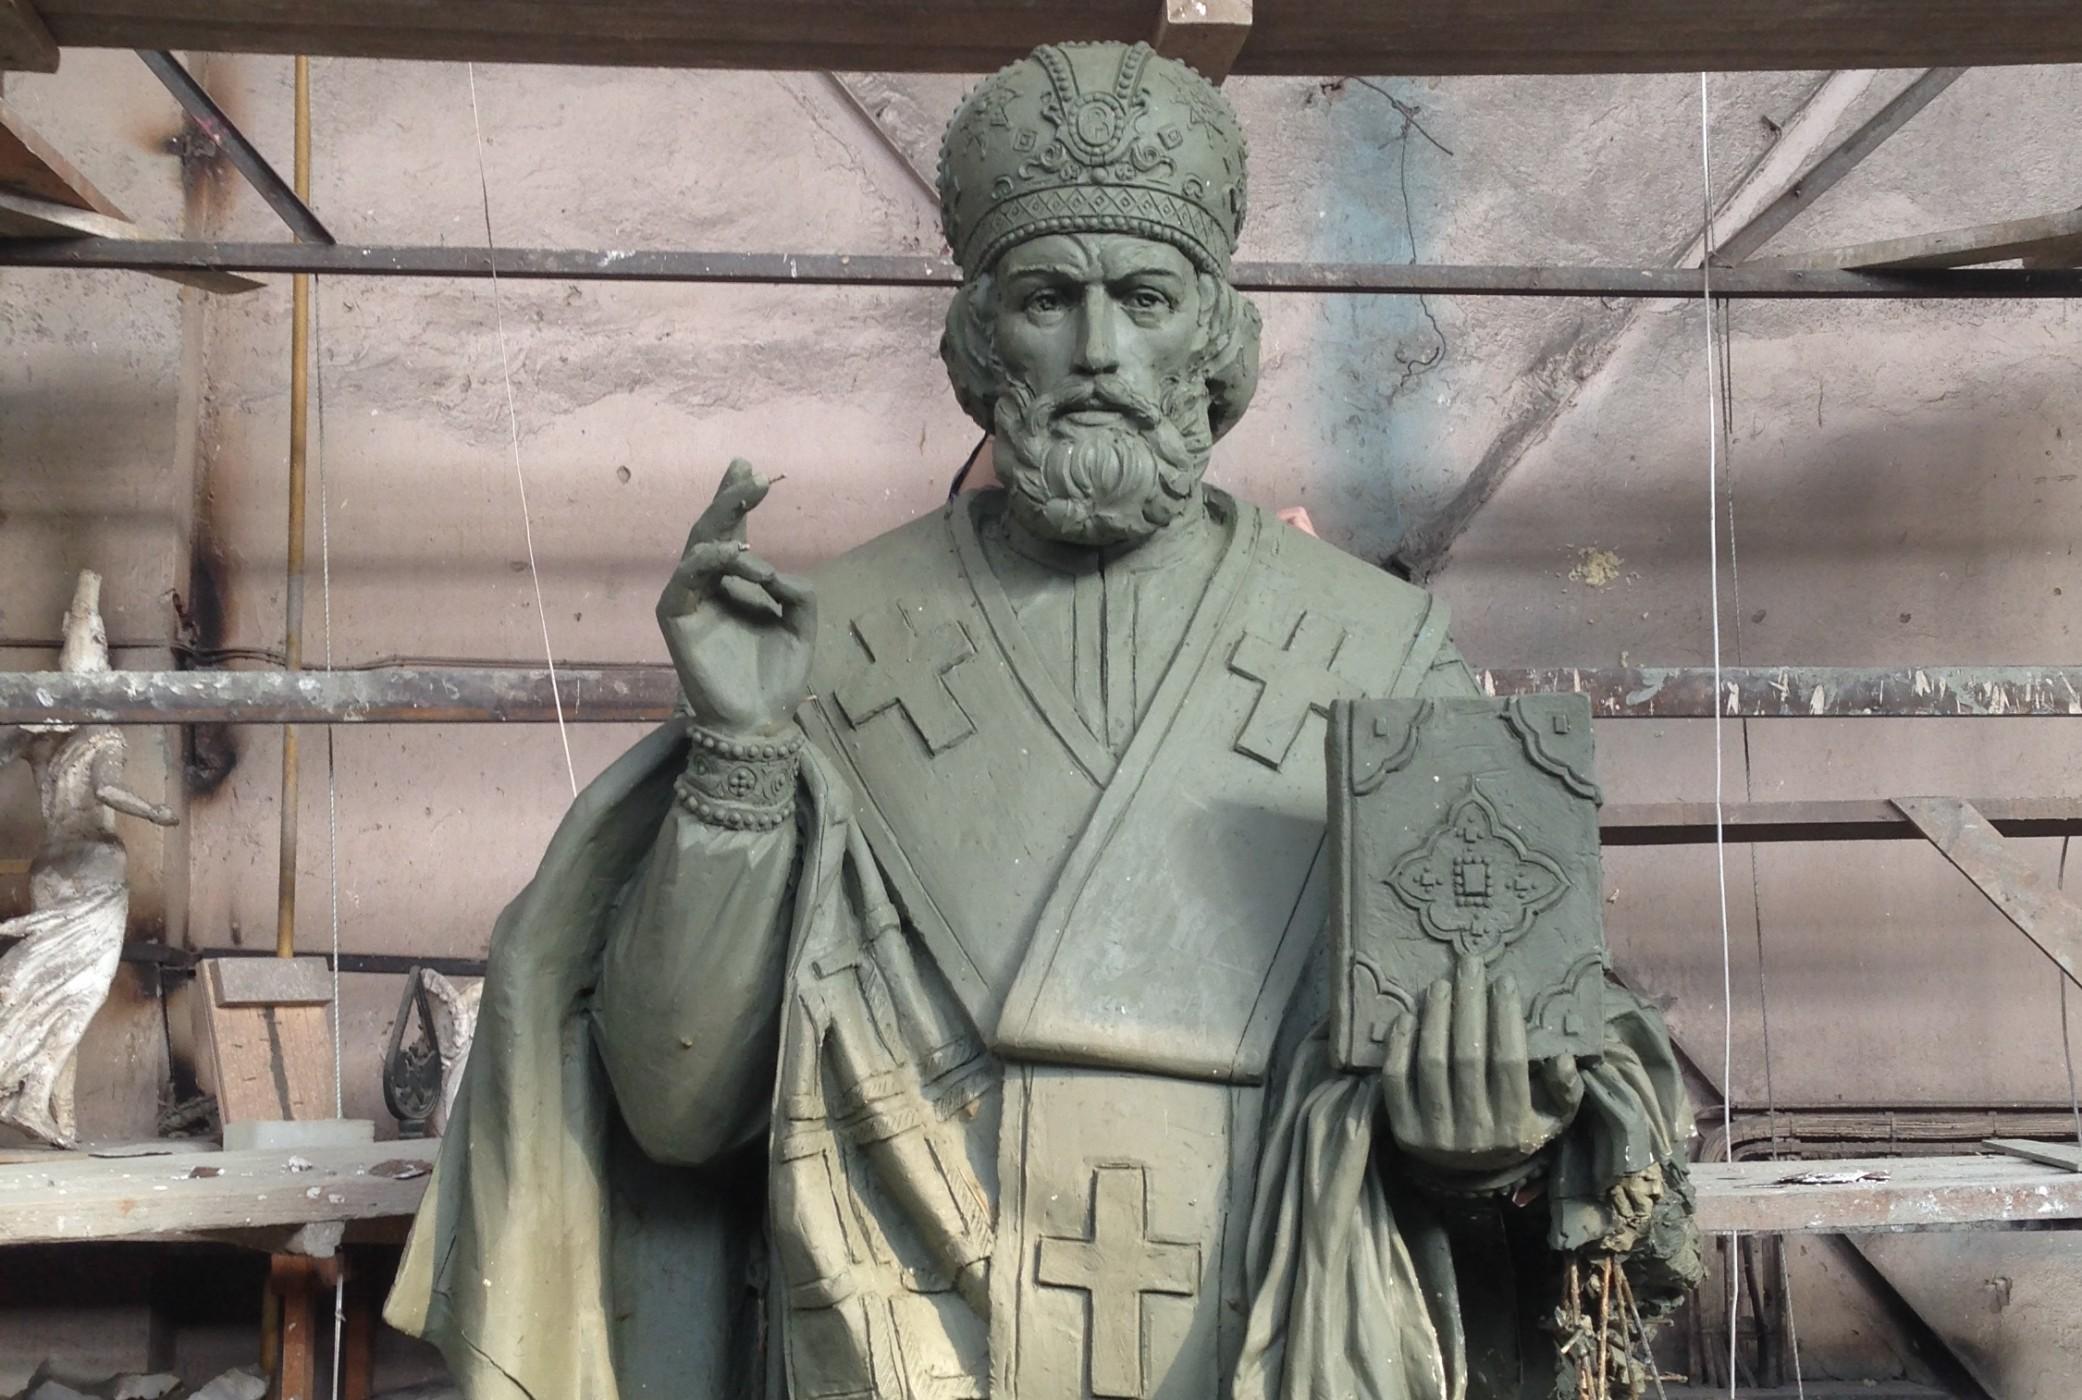 Памятник Николаю Чудотворцу установили в Кисловодске